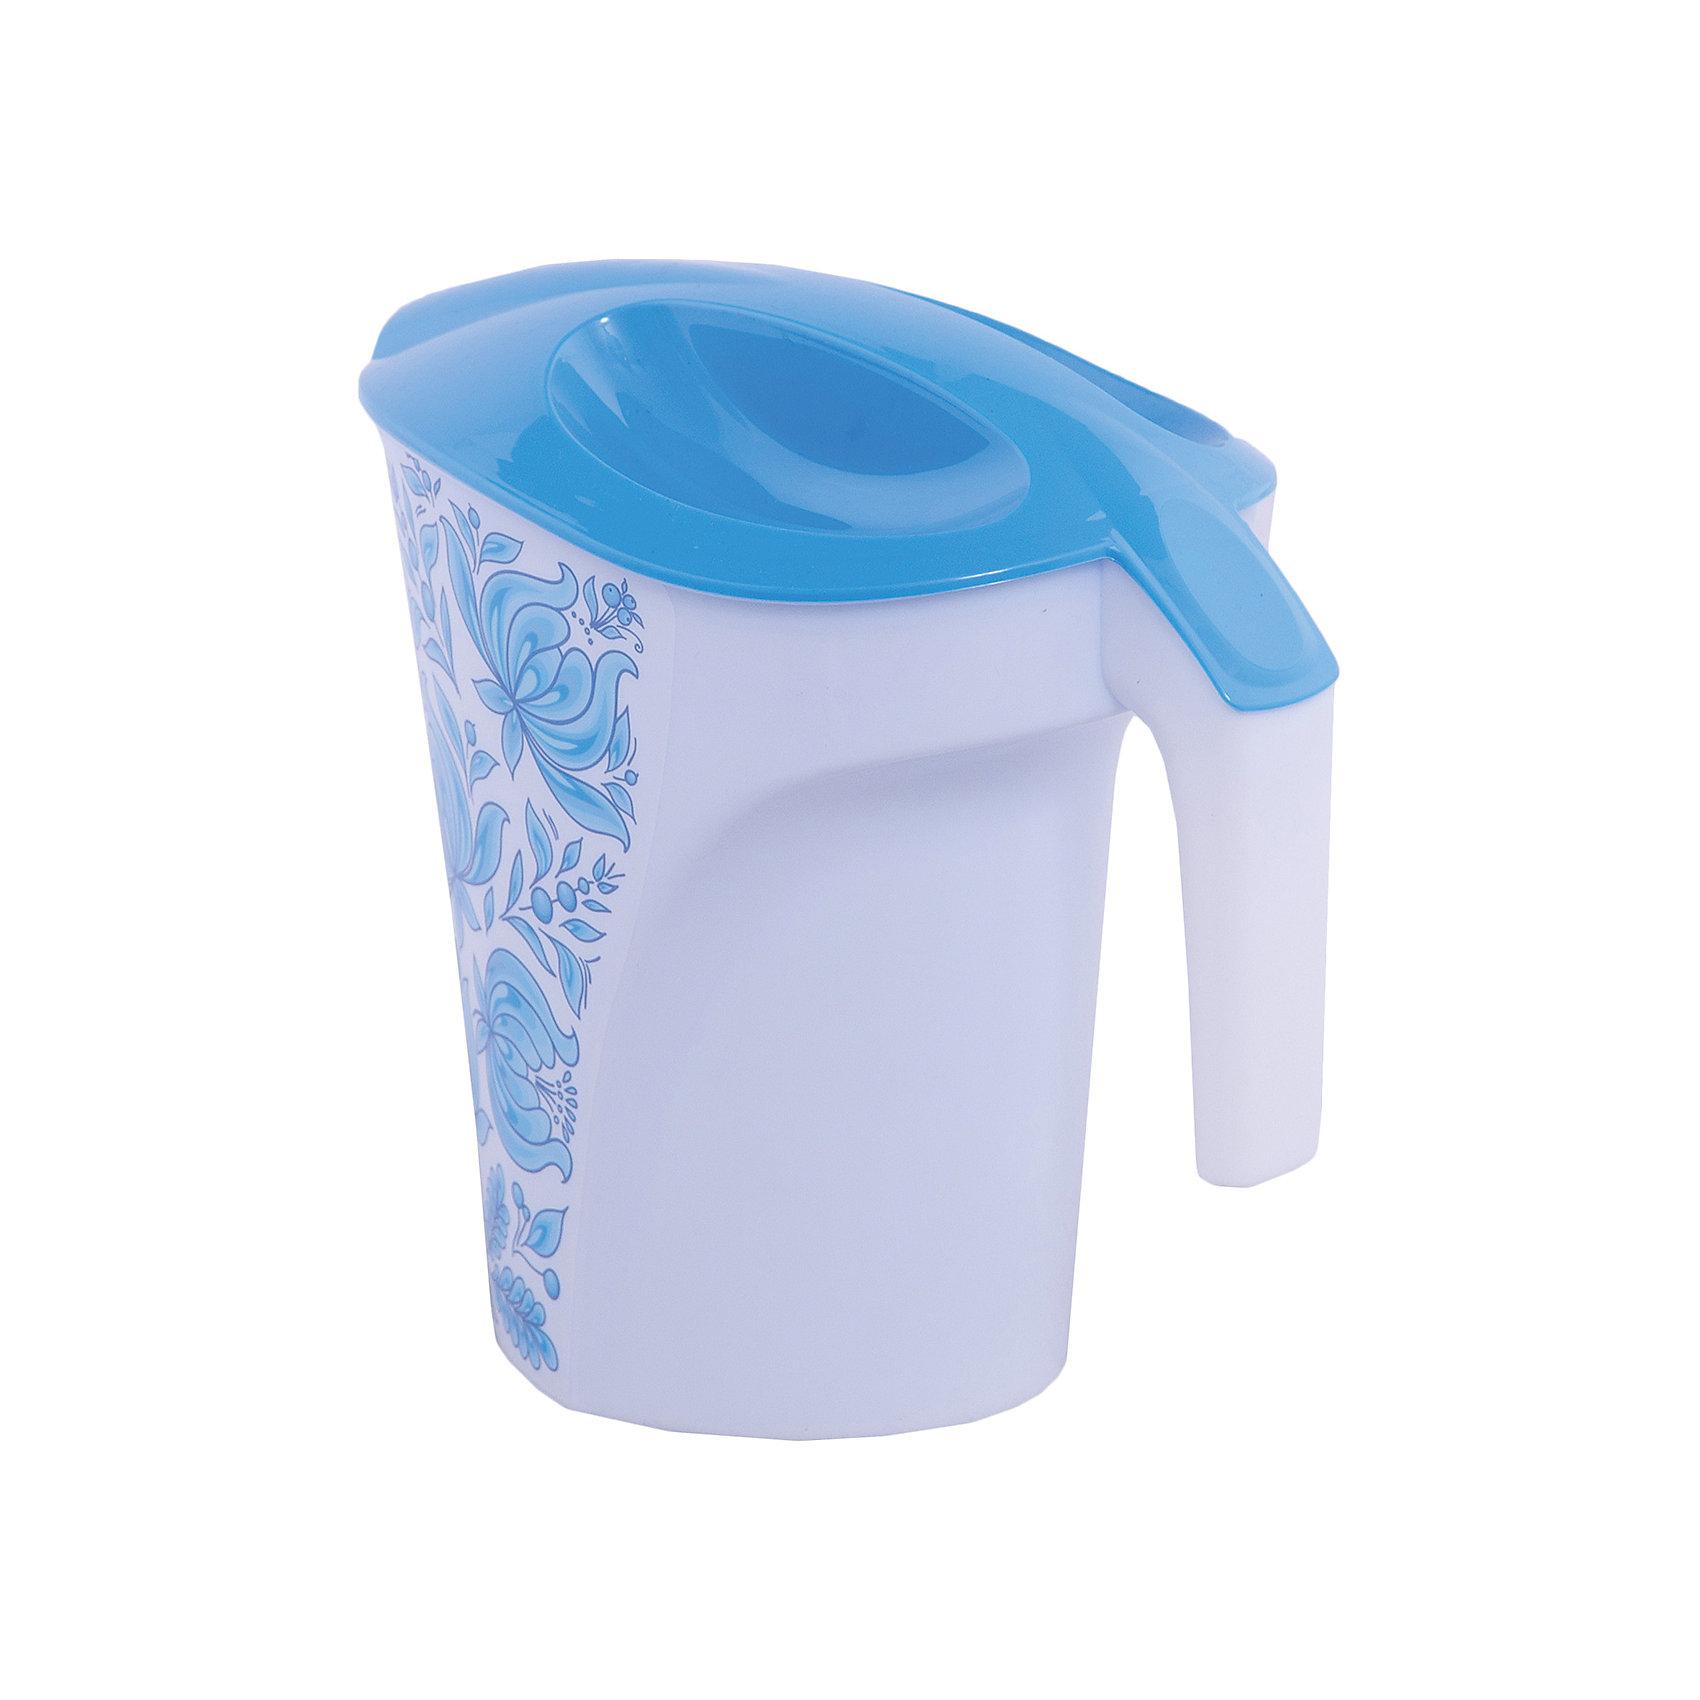 Кувшин Цветы 3 л и 4 стакана, Plastic CentreПосуда<br>Кувшин Цветы 3 л и 4 стакана, Plastic Centre<br><br>Характеристики:<br><br>• Материал: пластик<br>• Цвет: желтый<br>• В комплекте: 1 кувшин, 4 стакана<br>• Объем: 3 литра<br><br>Кувшин подойдет для хранения соков или воды. Крепкая и очень удобная ручка делает процесс наливания воды доступным даже для детей. Красивый дизайн кувшина, форма и его цвет позволят ему вписаться в любой интерьер. Сделан кувшин из прочного пластика, которые не выделяет вредных веществ и не отражается на вкусе воды. Также в комплект входят 4 удобных стакана.<br><br>Кувшин Цветы 3 л и 4 стакана, Plastic Centre можно купить в нашем интернет-магазине.<br><br>Ширина мм: 248<br>Глубина мм: 155<br>Высота мм: 235<br>Вес г: 284<br>Возраст от месяцев: 216<br>Возраст до месяцев: 1188<br>Пол: Унисекс<br>Возраст: Детский<br>SKU: 5545700